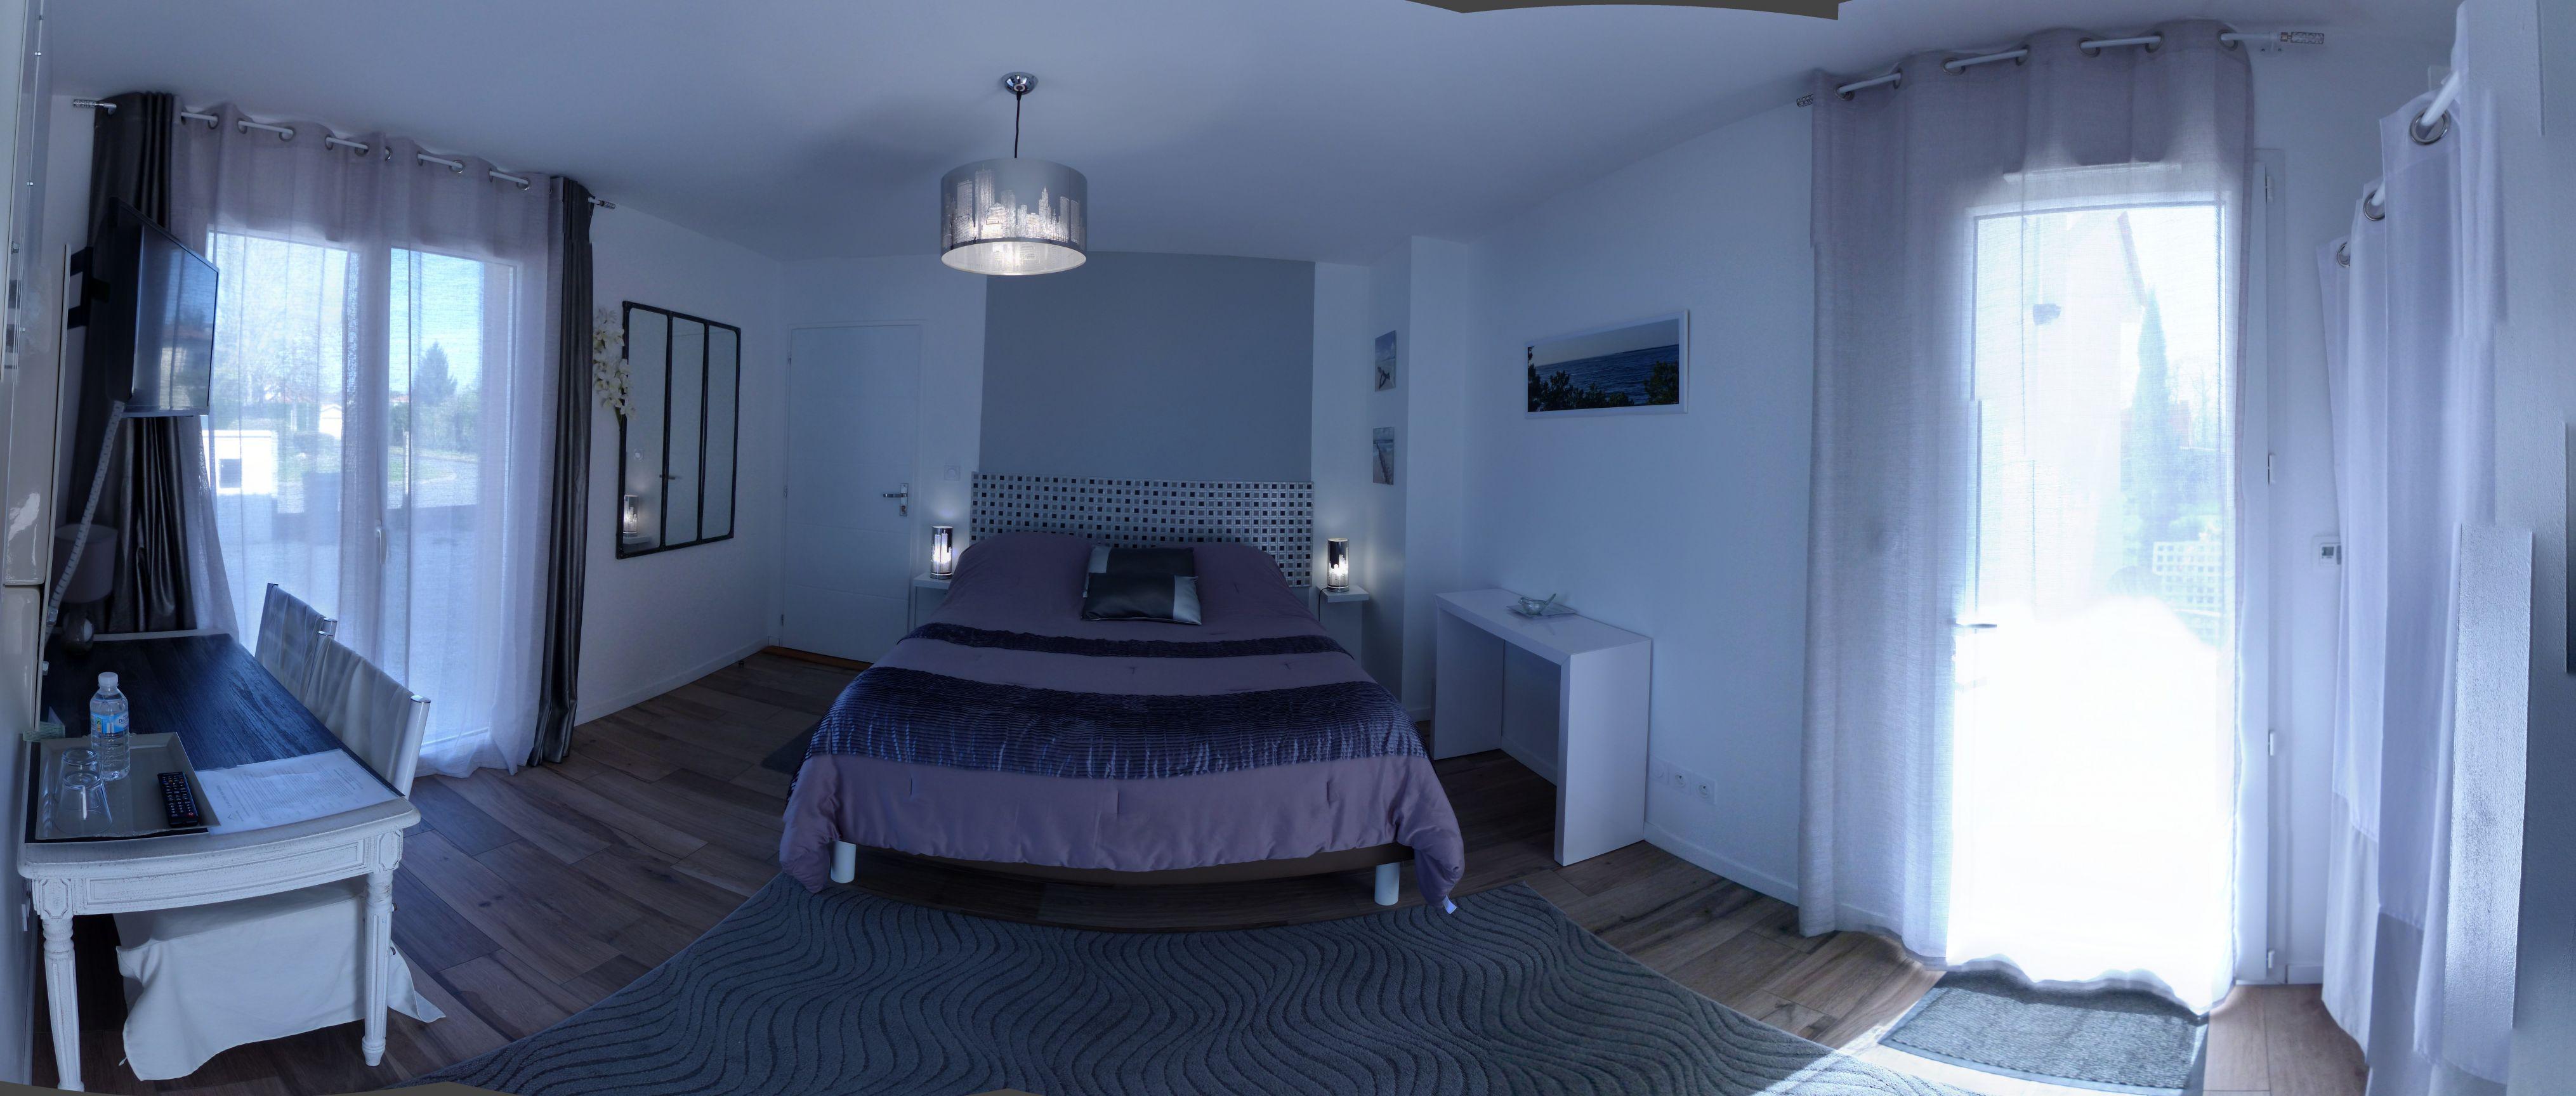 Vue panoramique de la chambre La Lagune depuis sa salle de bain